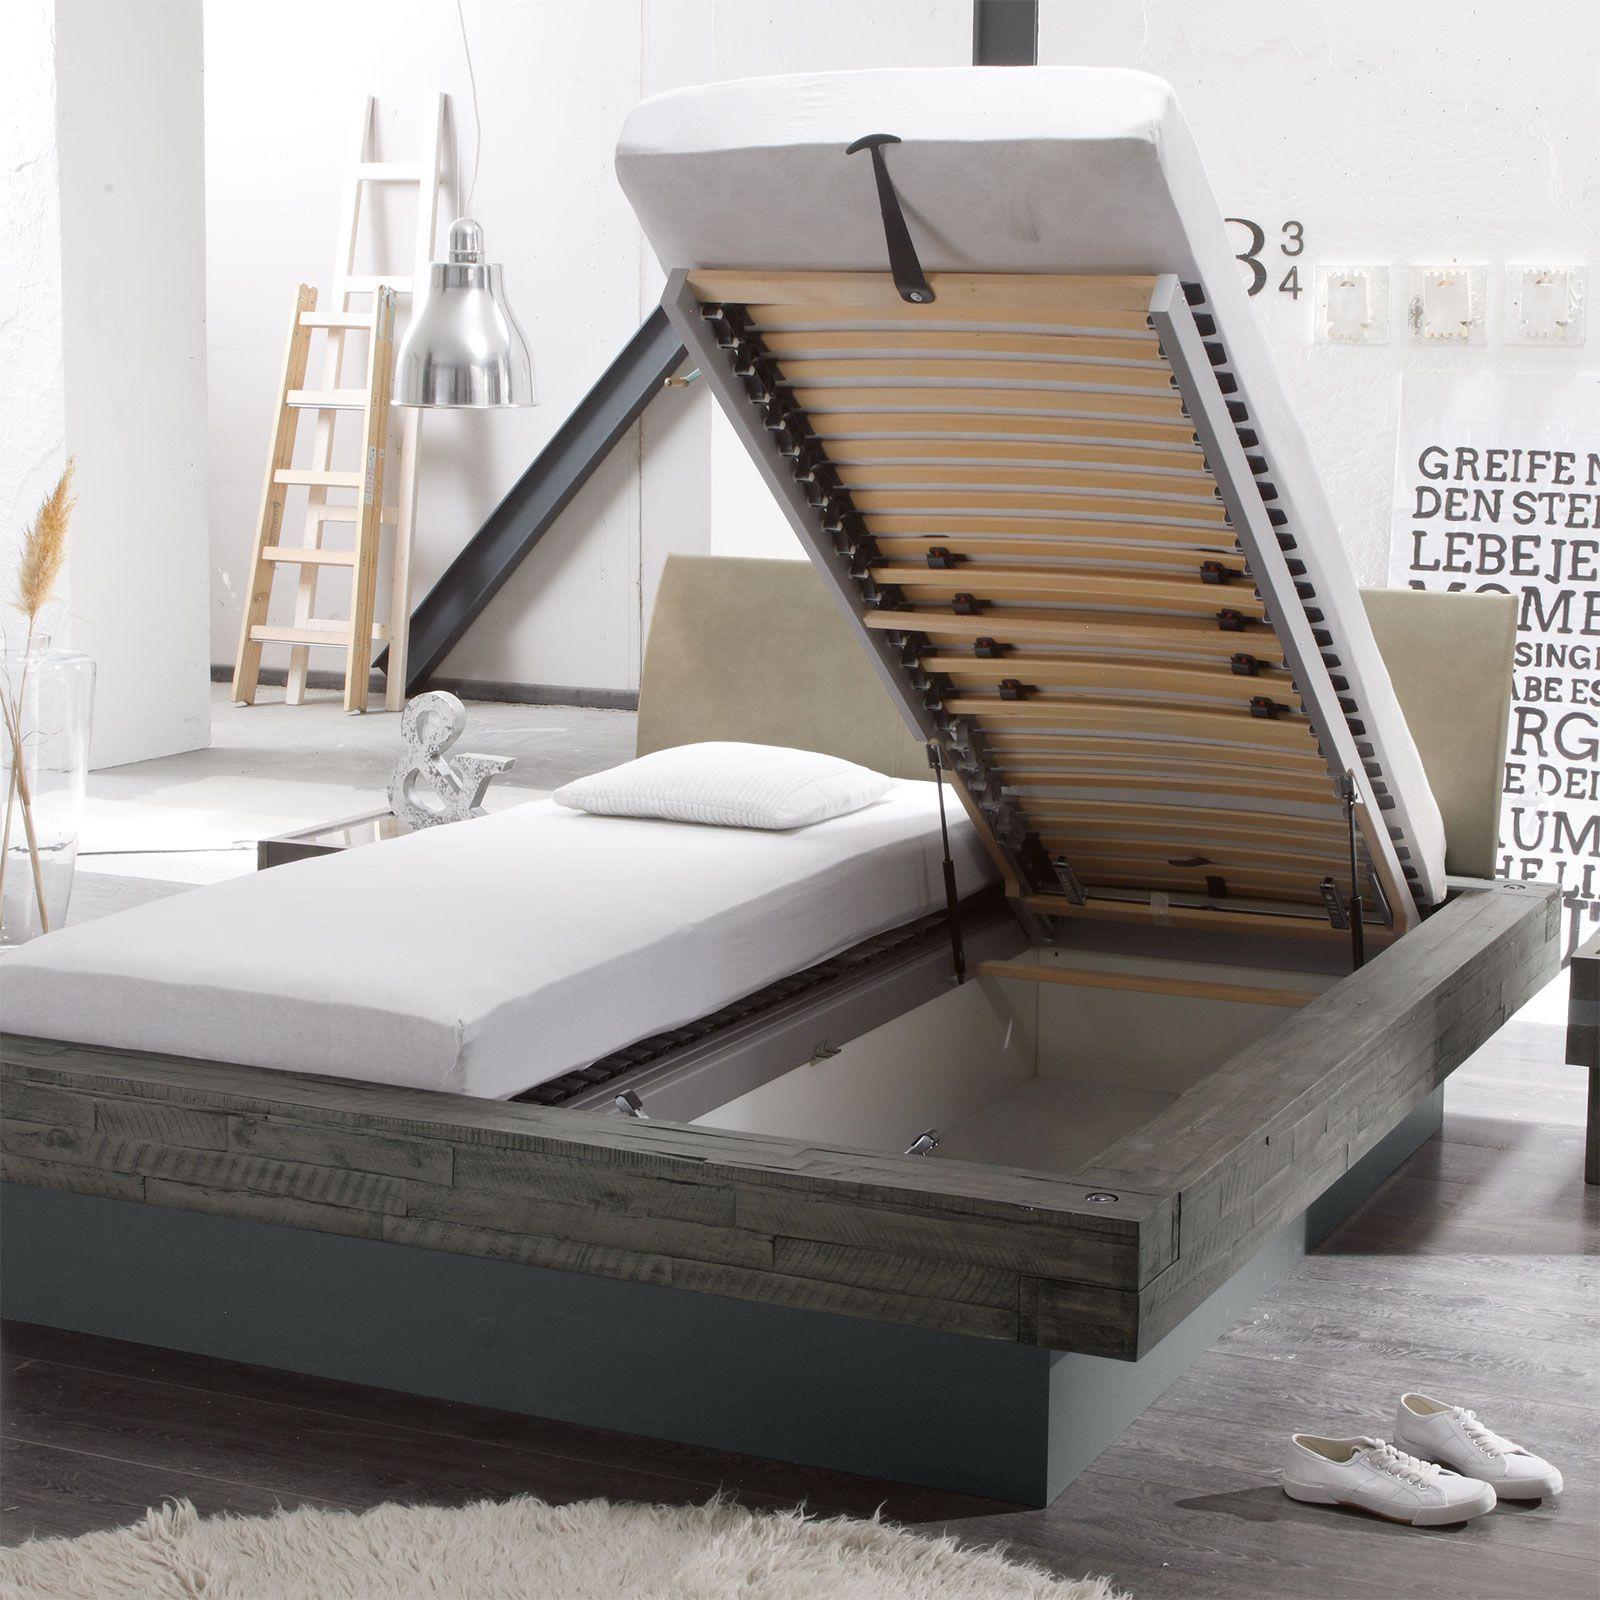 Bett Romero Wohnungsideen Bed Sun Lounger Outdoor